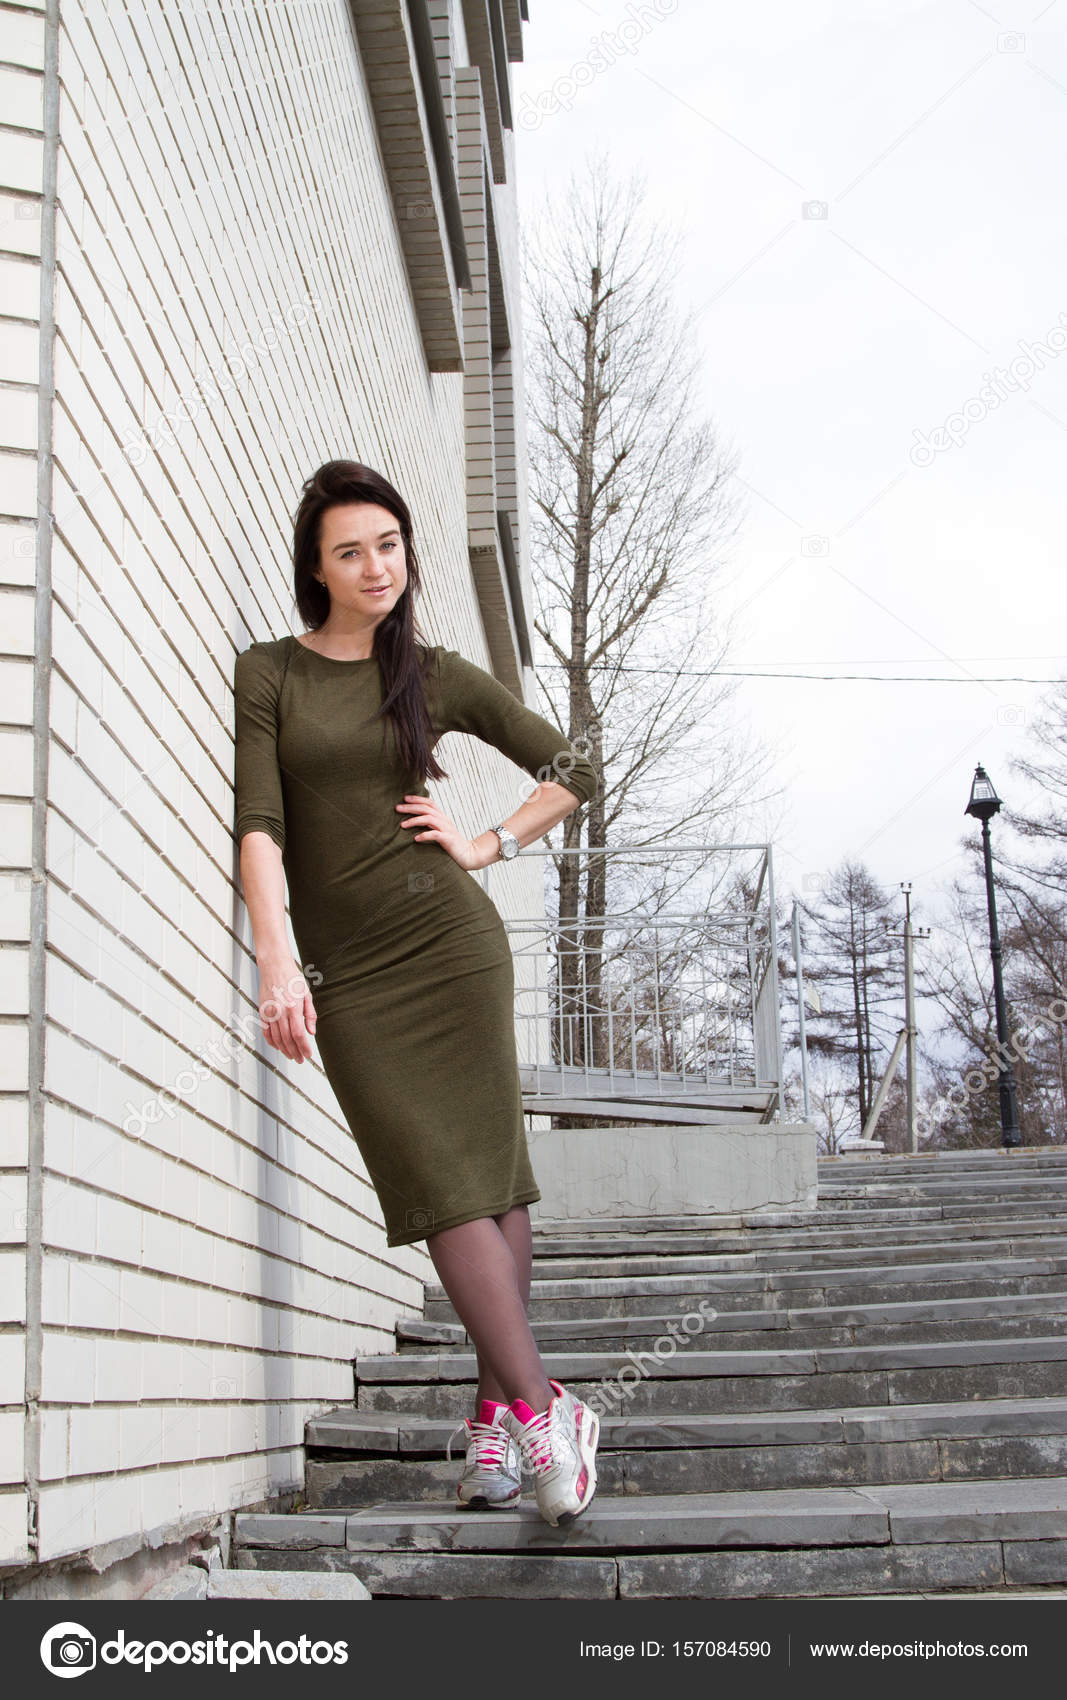 d9ddad481dbe Ragazza in un vestito e scarpe da ginnastica si leva in piedi vicino a un  muro di mattoni– immagine stock